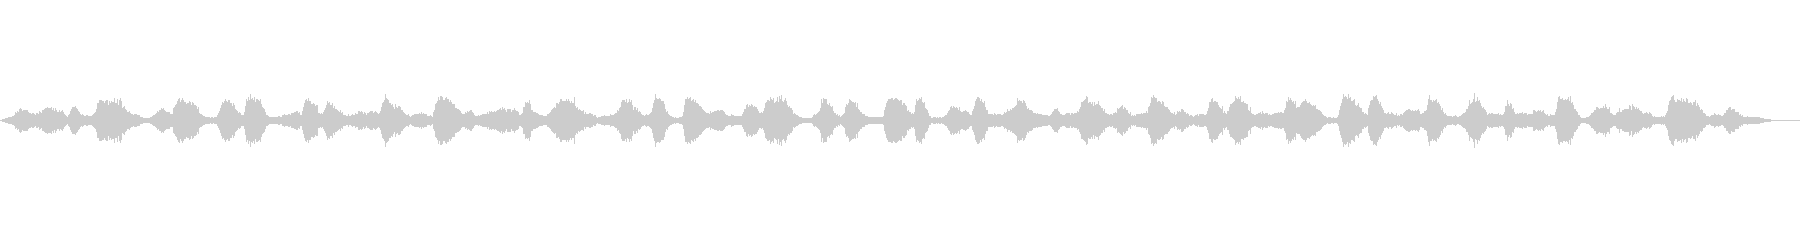 【風 合成 環境02-1】の未再生の波形